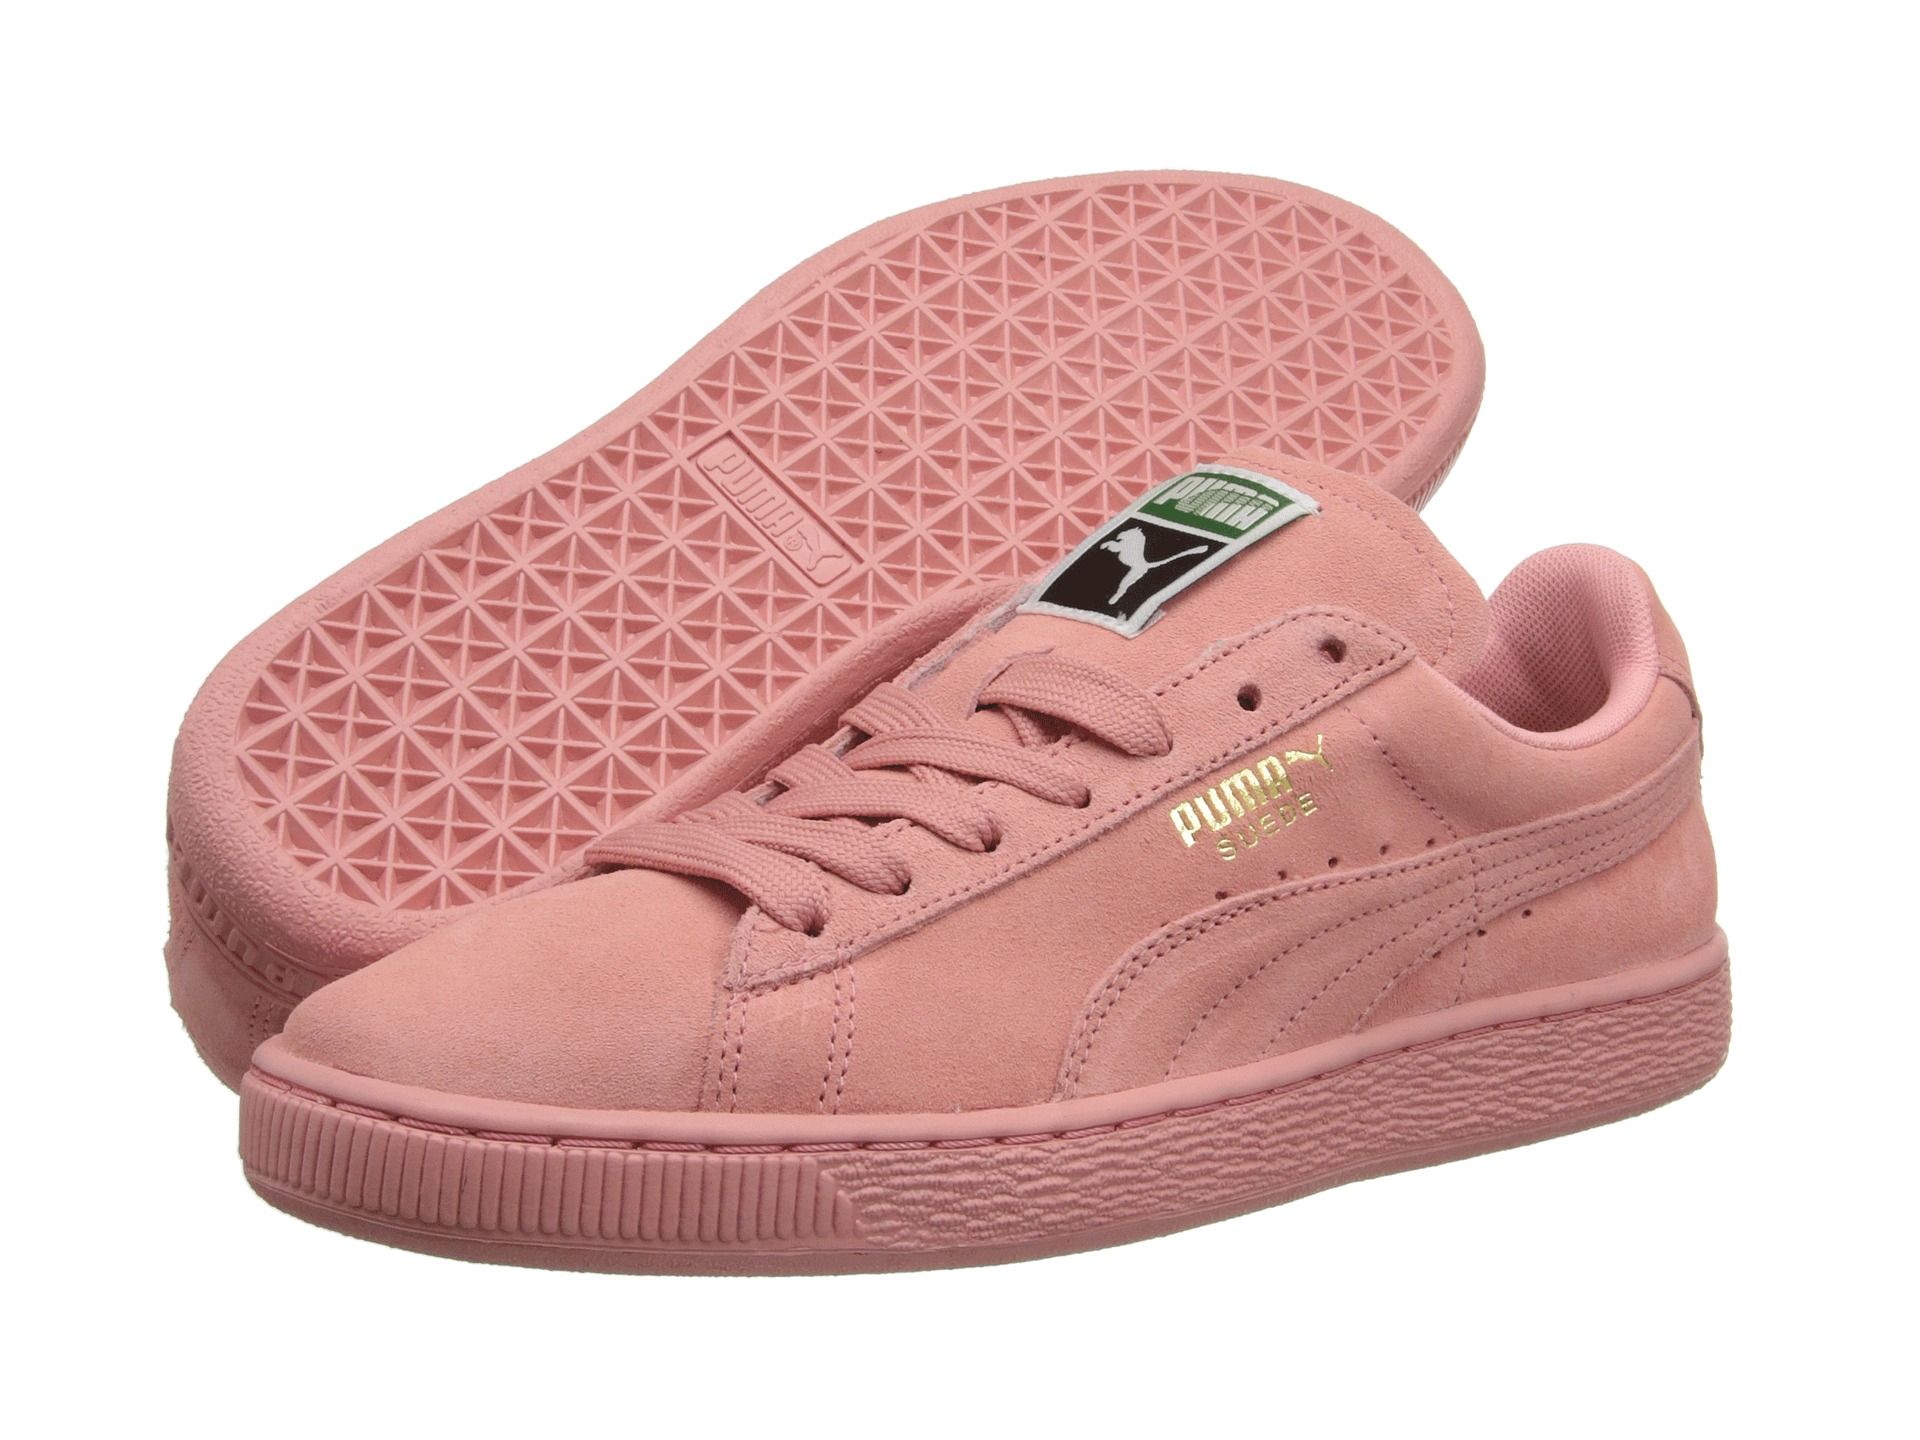 Lyst - PUMA Suede Classic Wns in Pink 9d8a739b9